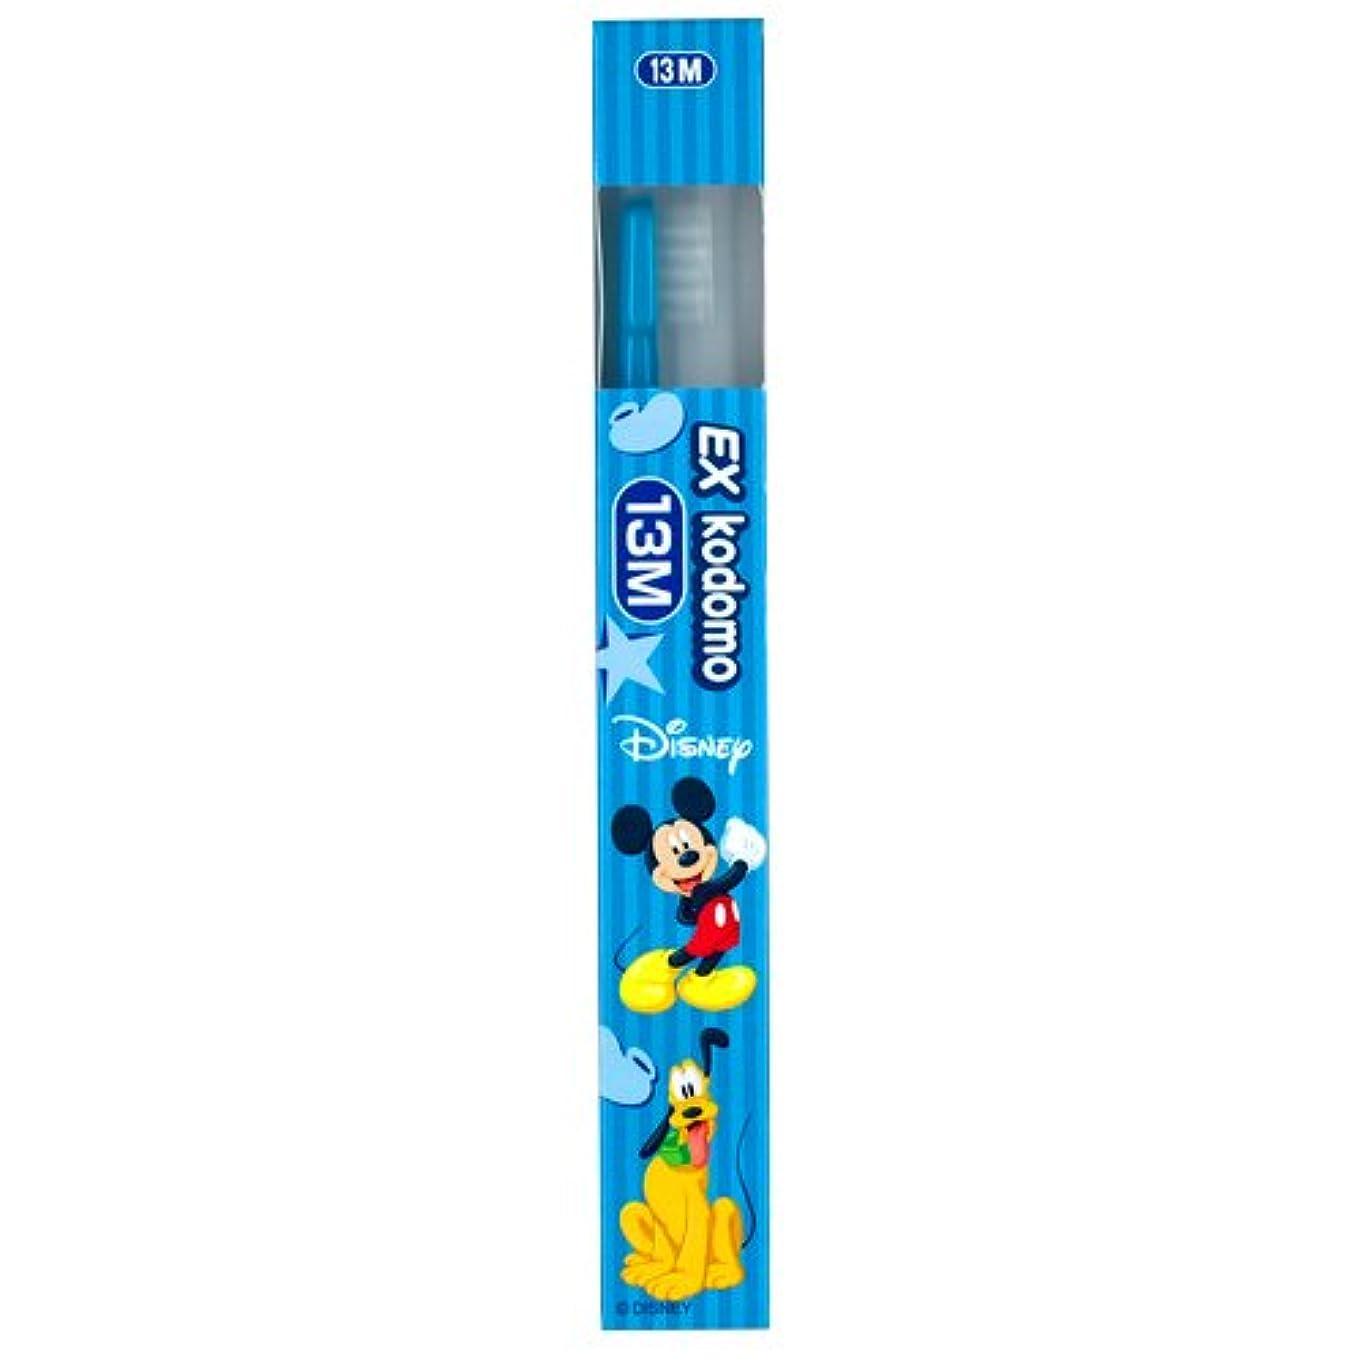 ジェームズダイソンリボン外出ライオン EX kodomo ディズニー 歯ブラシ 1本 13M ブルー